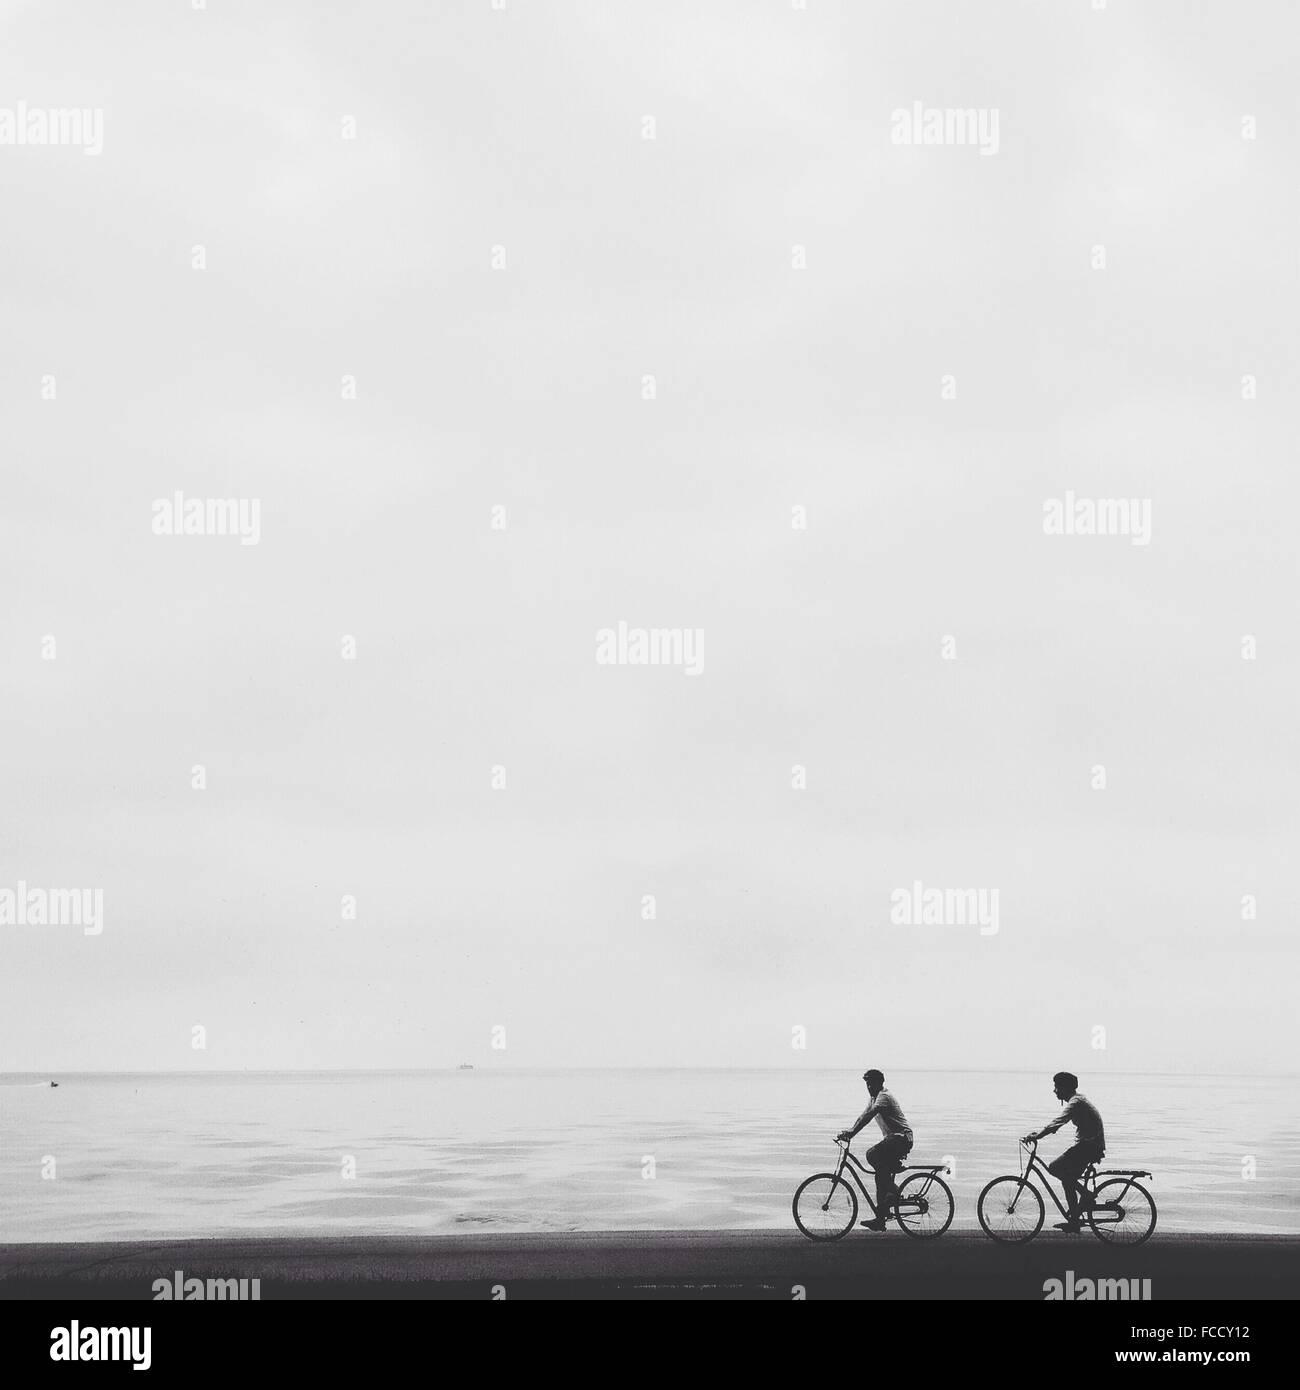 Gli uomini Bicicletta Equitazione sulla spiaggia contro il cielo chiaro Immagini Stock